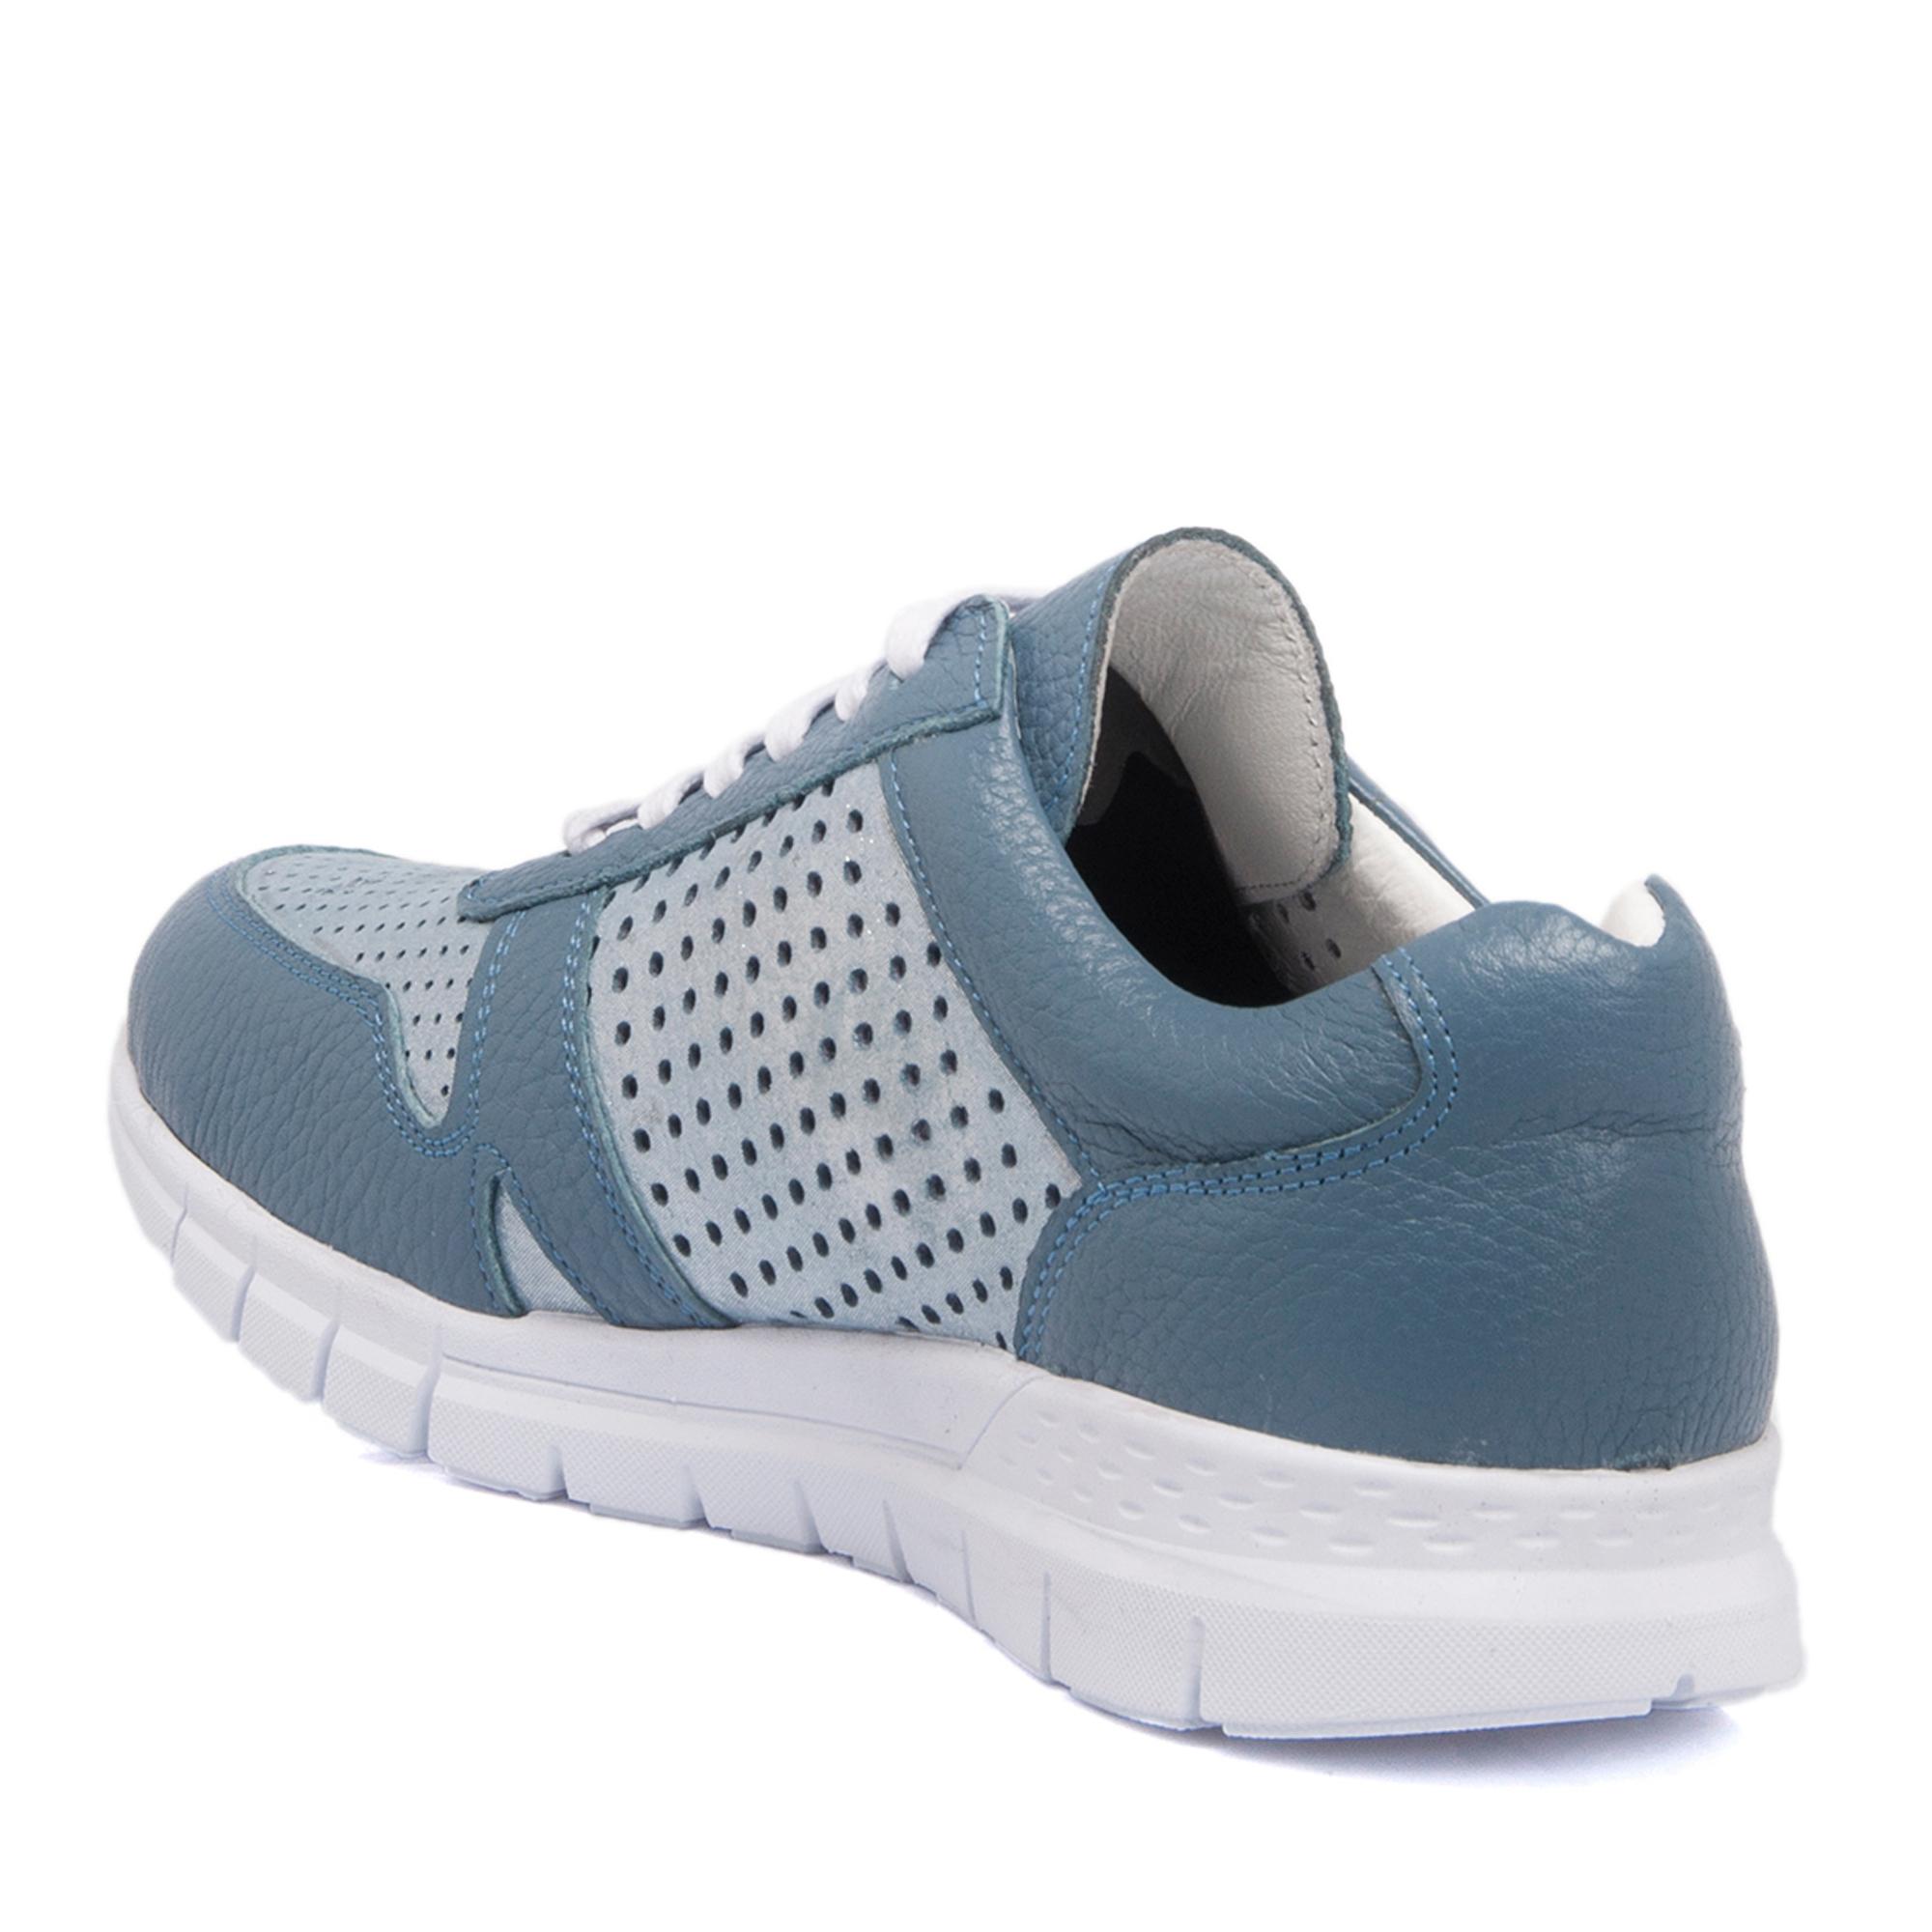 Mavi - Simli Deri Kadın Ayakkabı 63703N1T